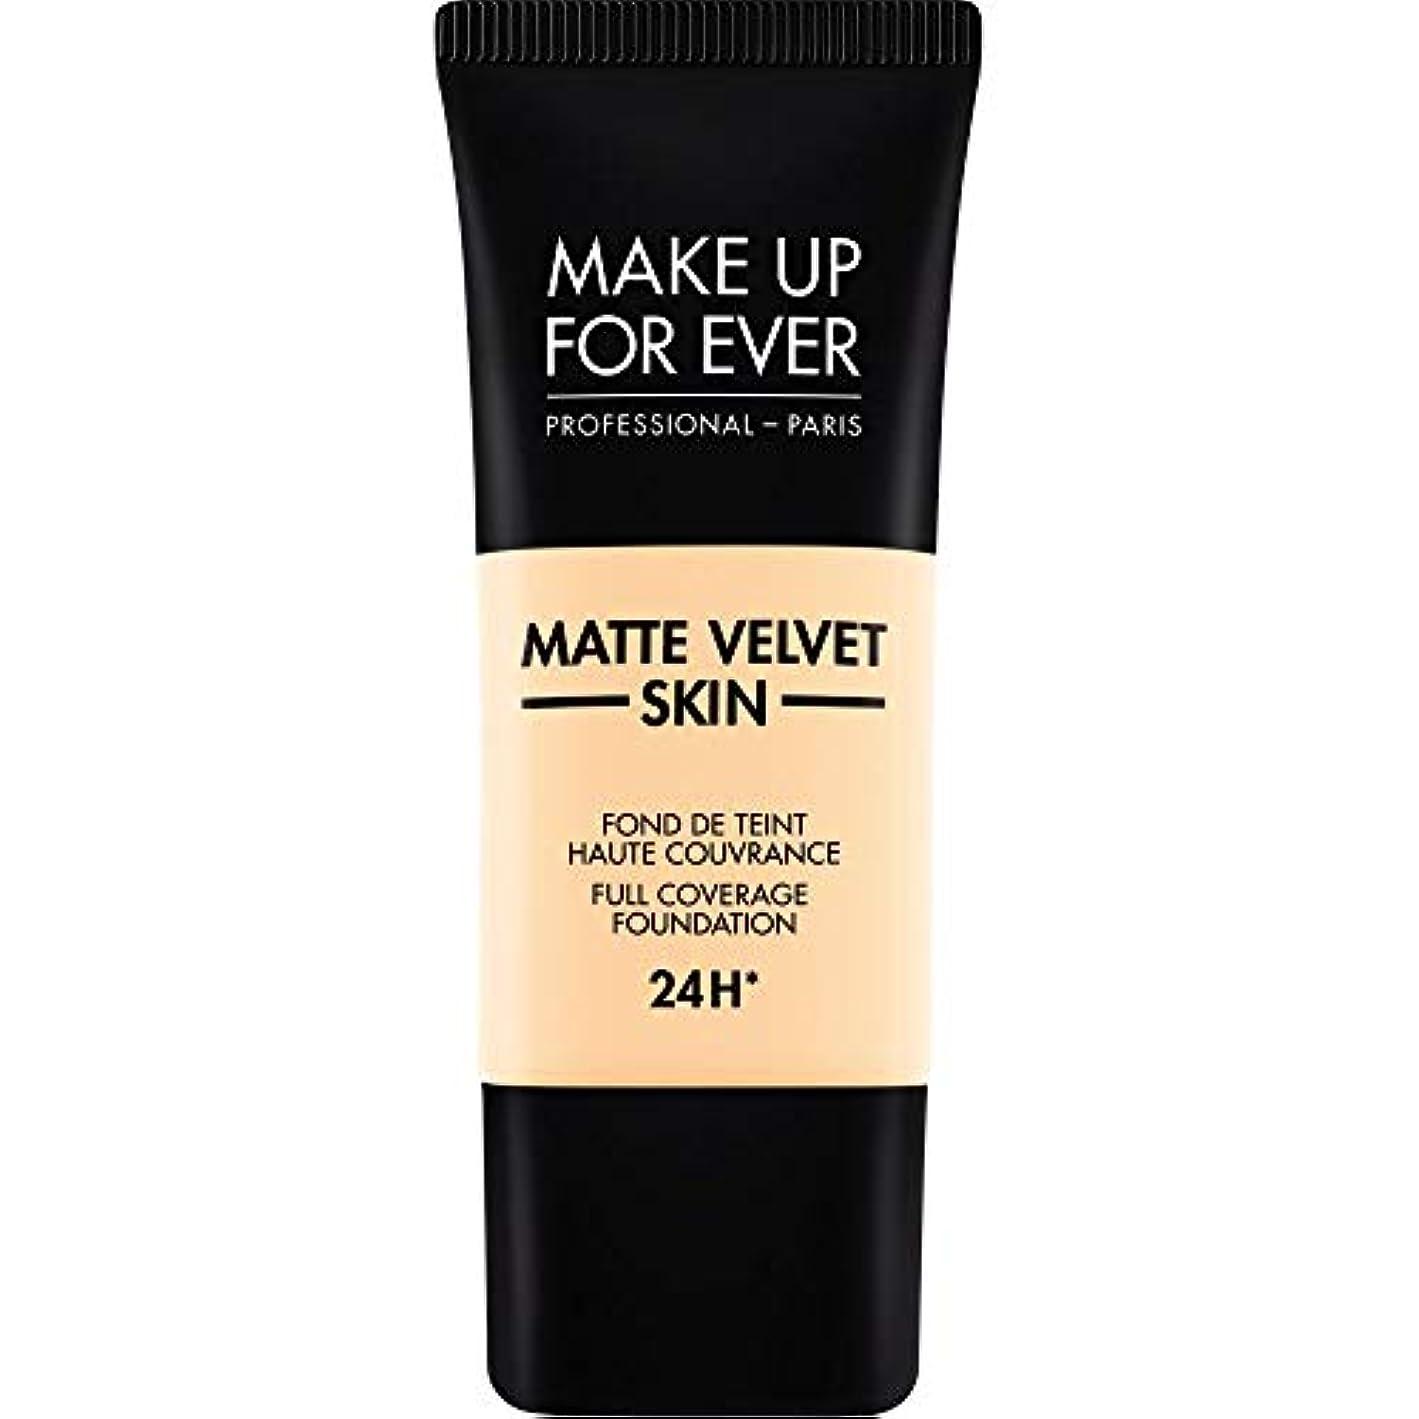 庭園句読点救援[MAKE UP FOR EVER] 黄アラバスター - これまでマットベルベットの皮膚のフルカバレッジ基礎30ミリリットルのY215を補います - MAKE UP FOR EVER Matte Velvet Skin...